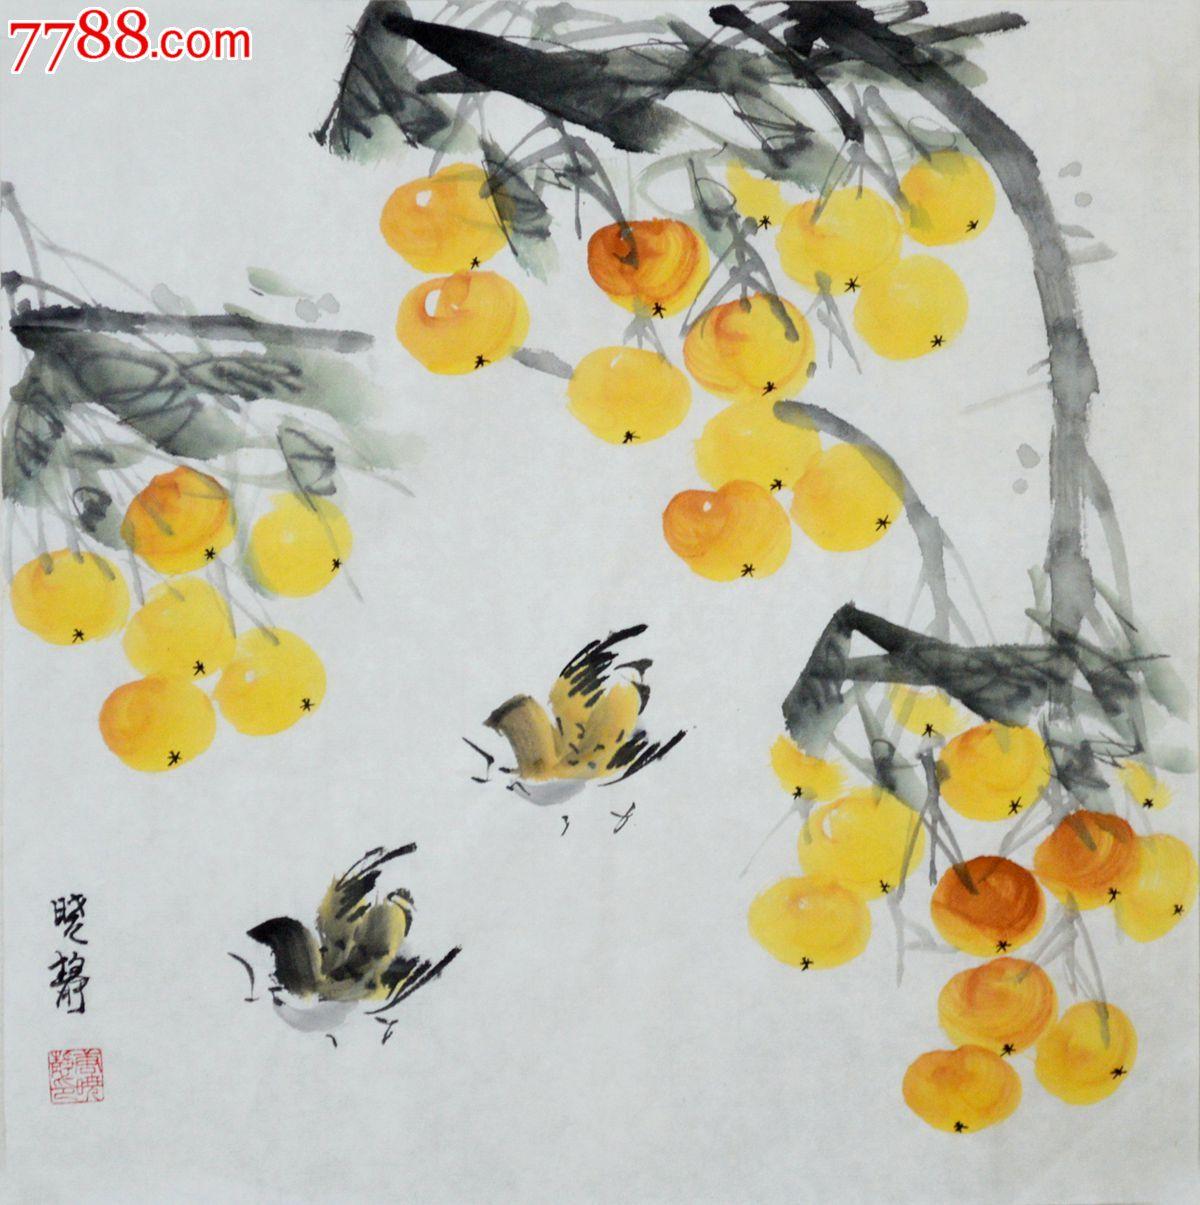 小品花鸟画枇杷-se21459620-花鸟国画原作-零售-7788